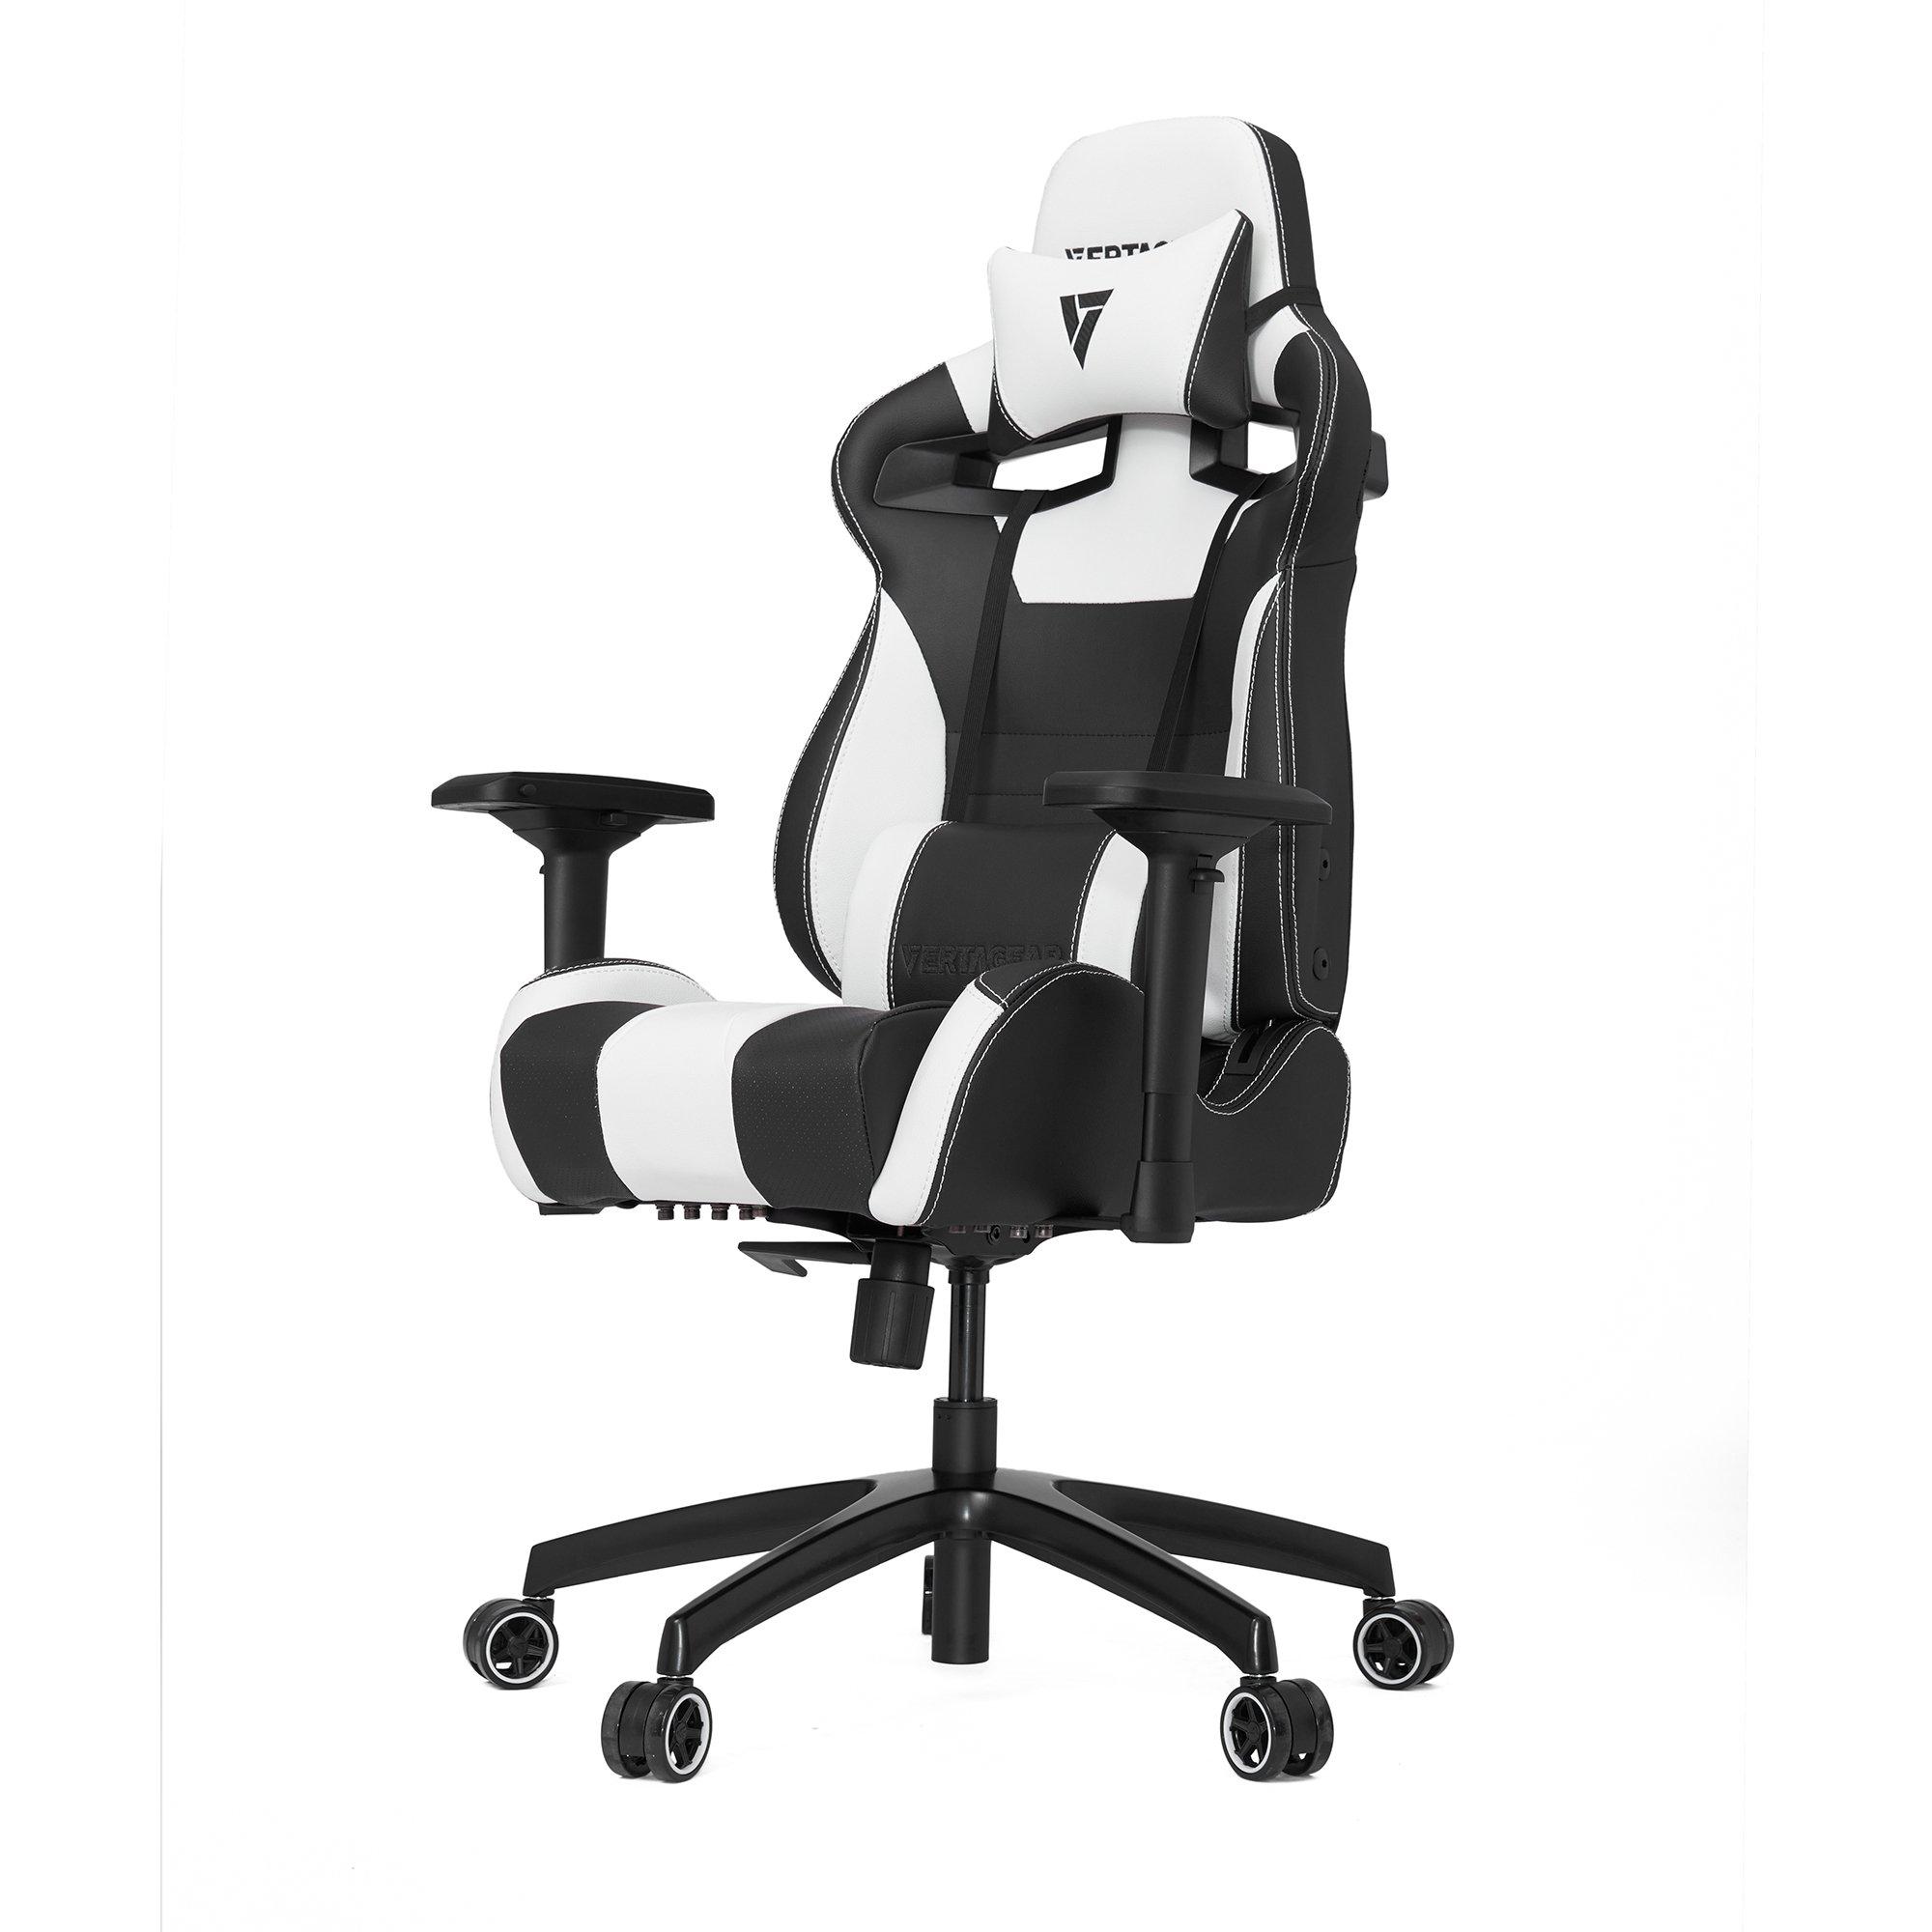 VERTAGEAR S-Line 4000 Gaming Chair, Medium, Black/White by VERTAGEAR